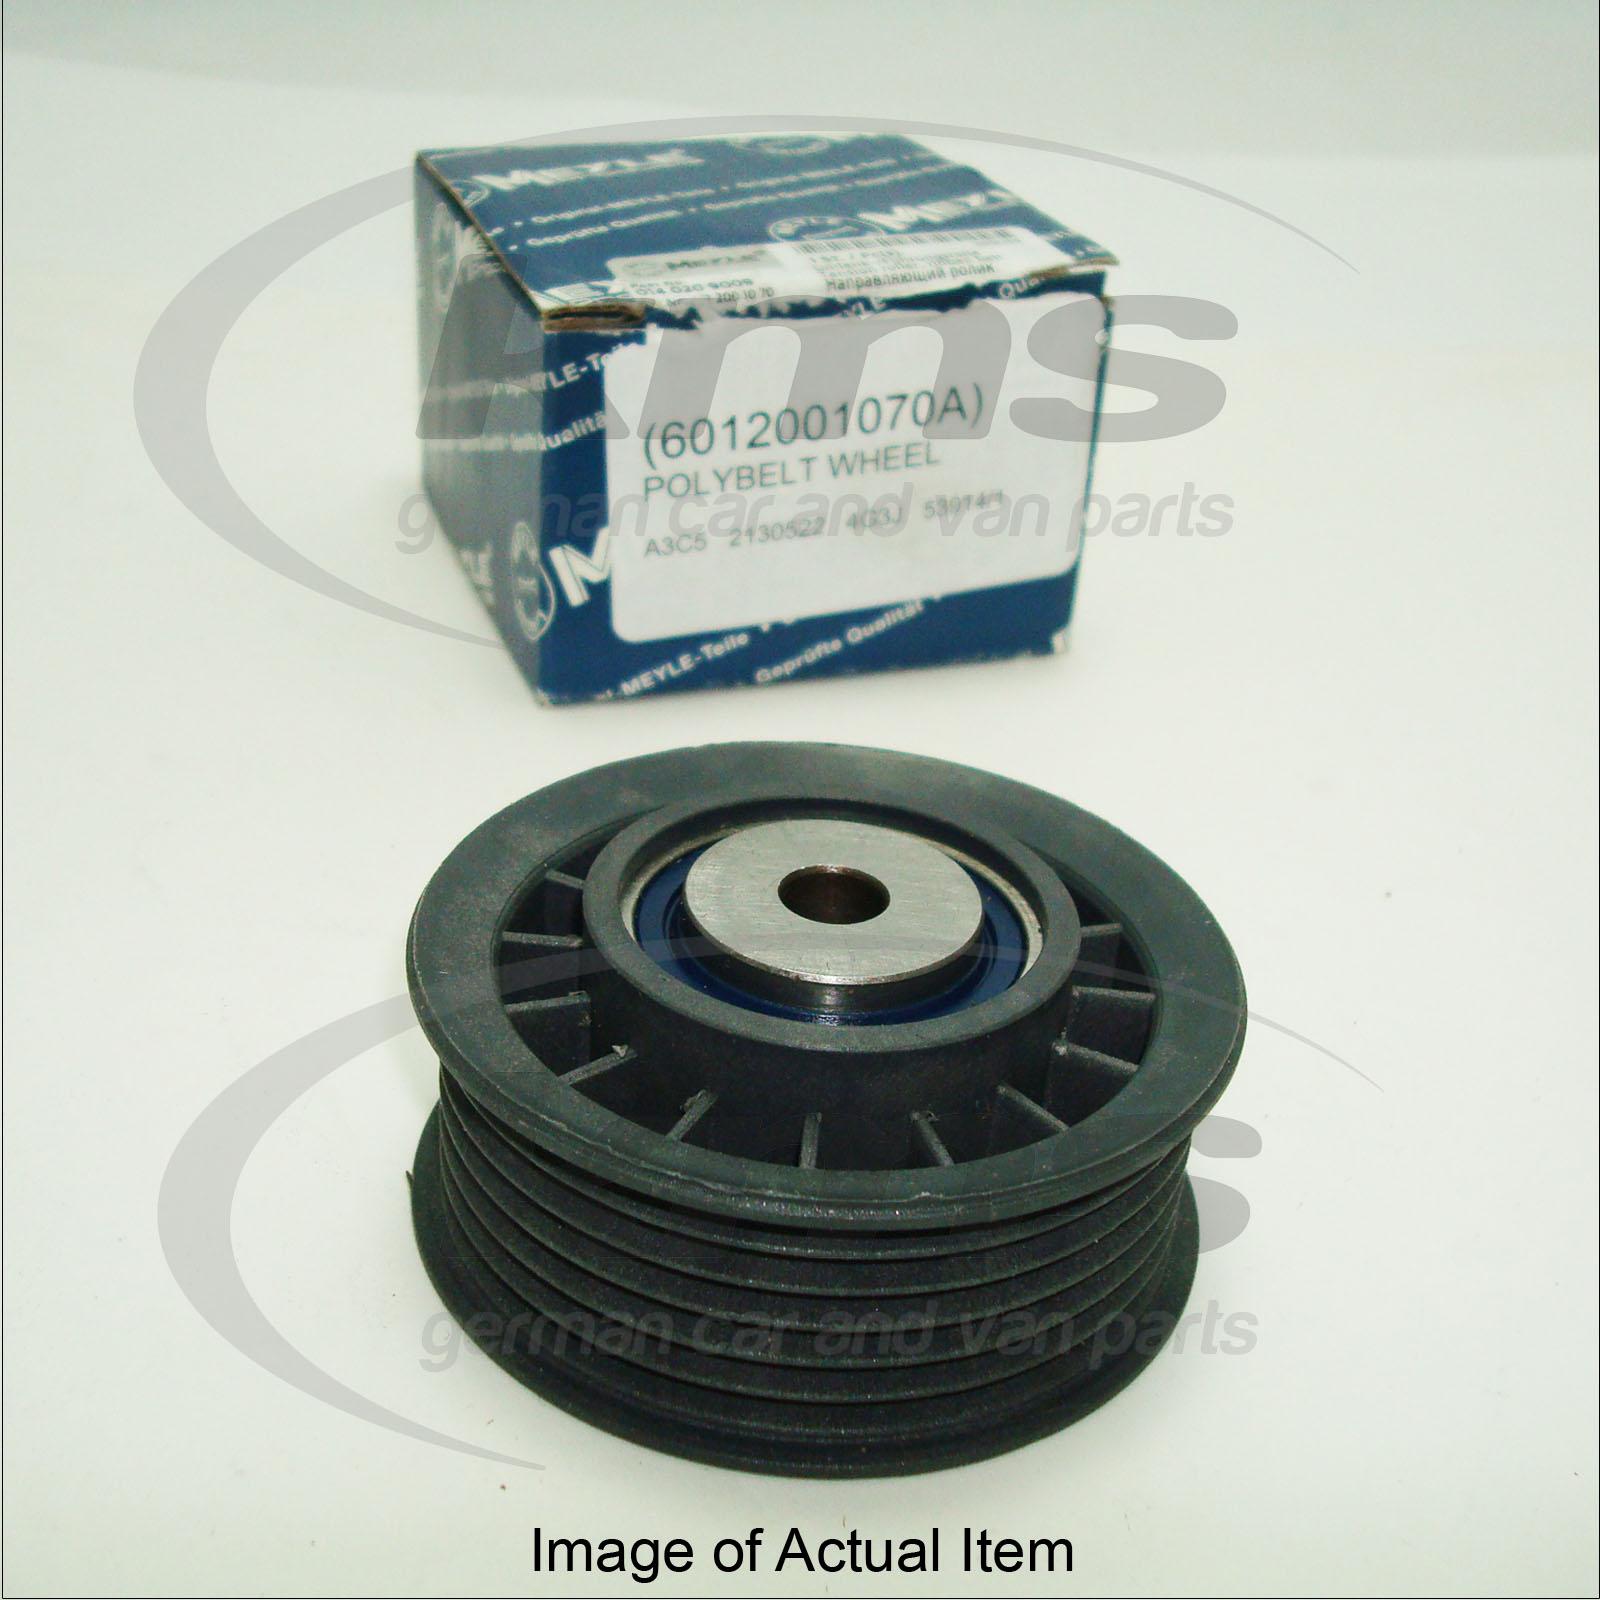 Poly v belt wheel m104 601 602 89 65mm dia ribbed for Poly v belt for mercedes benz